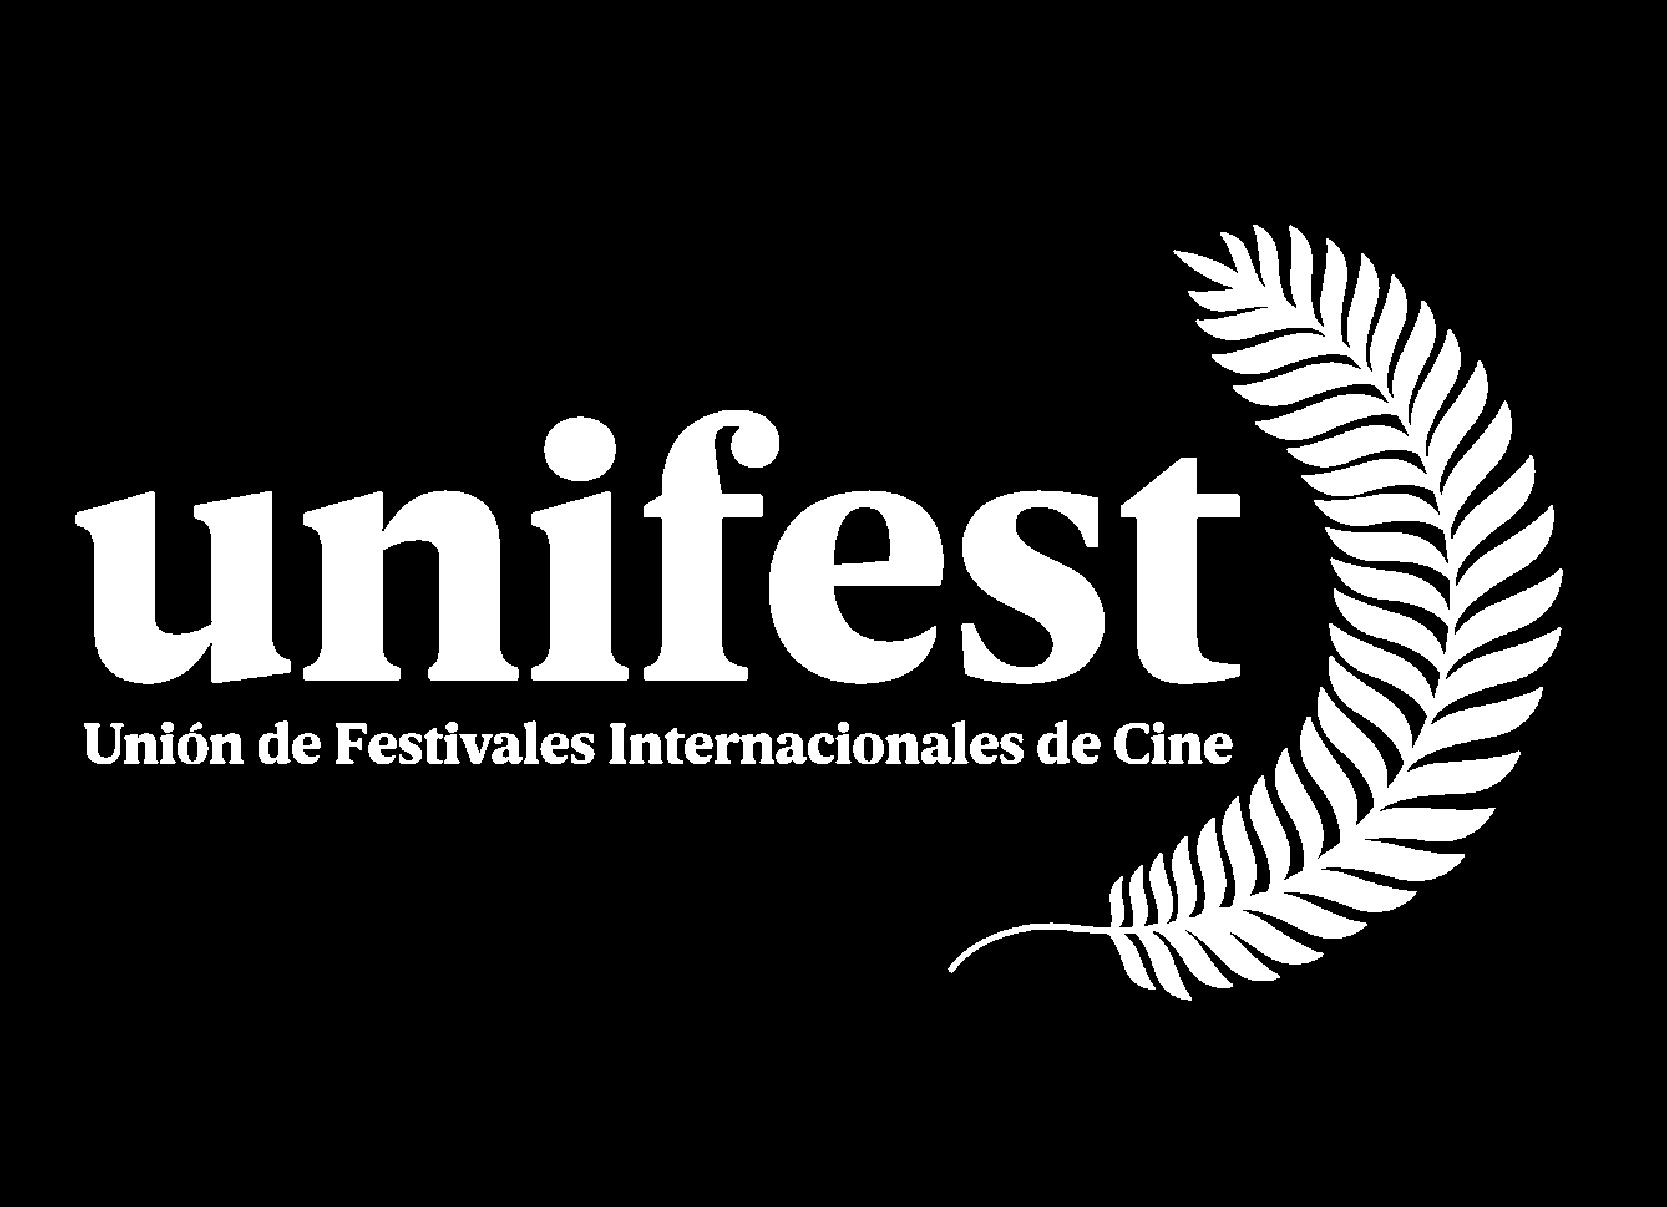 unifest-01